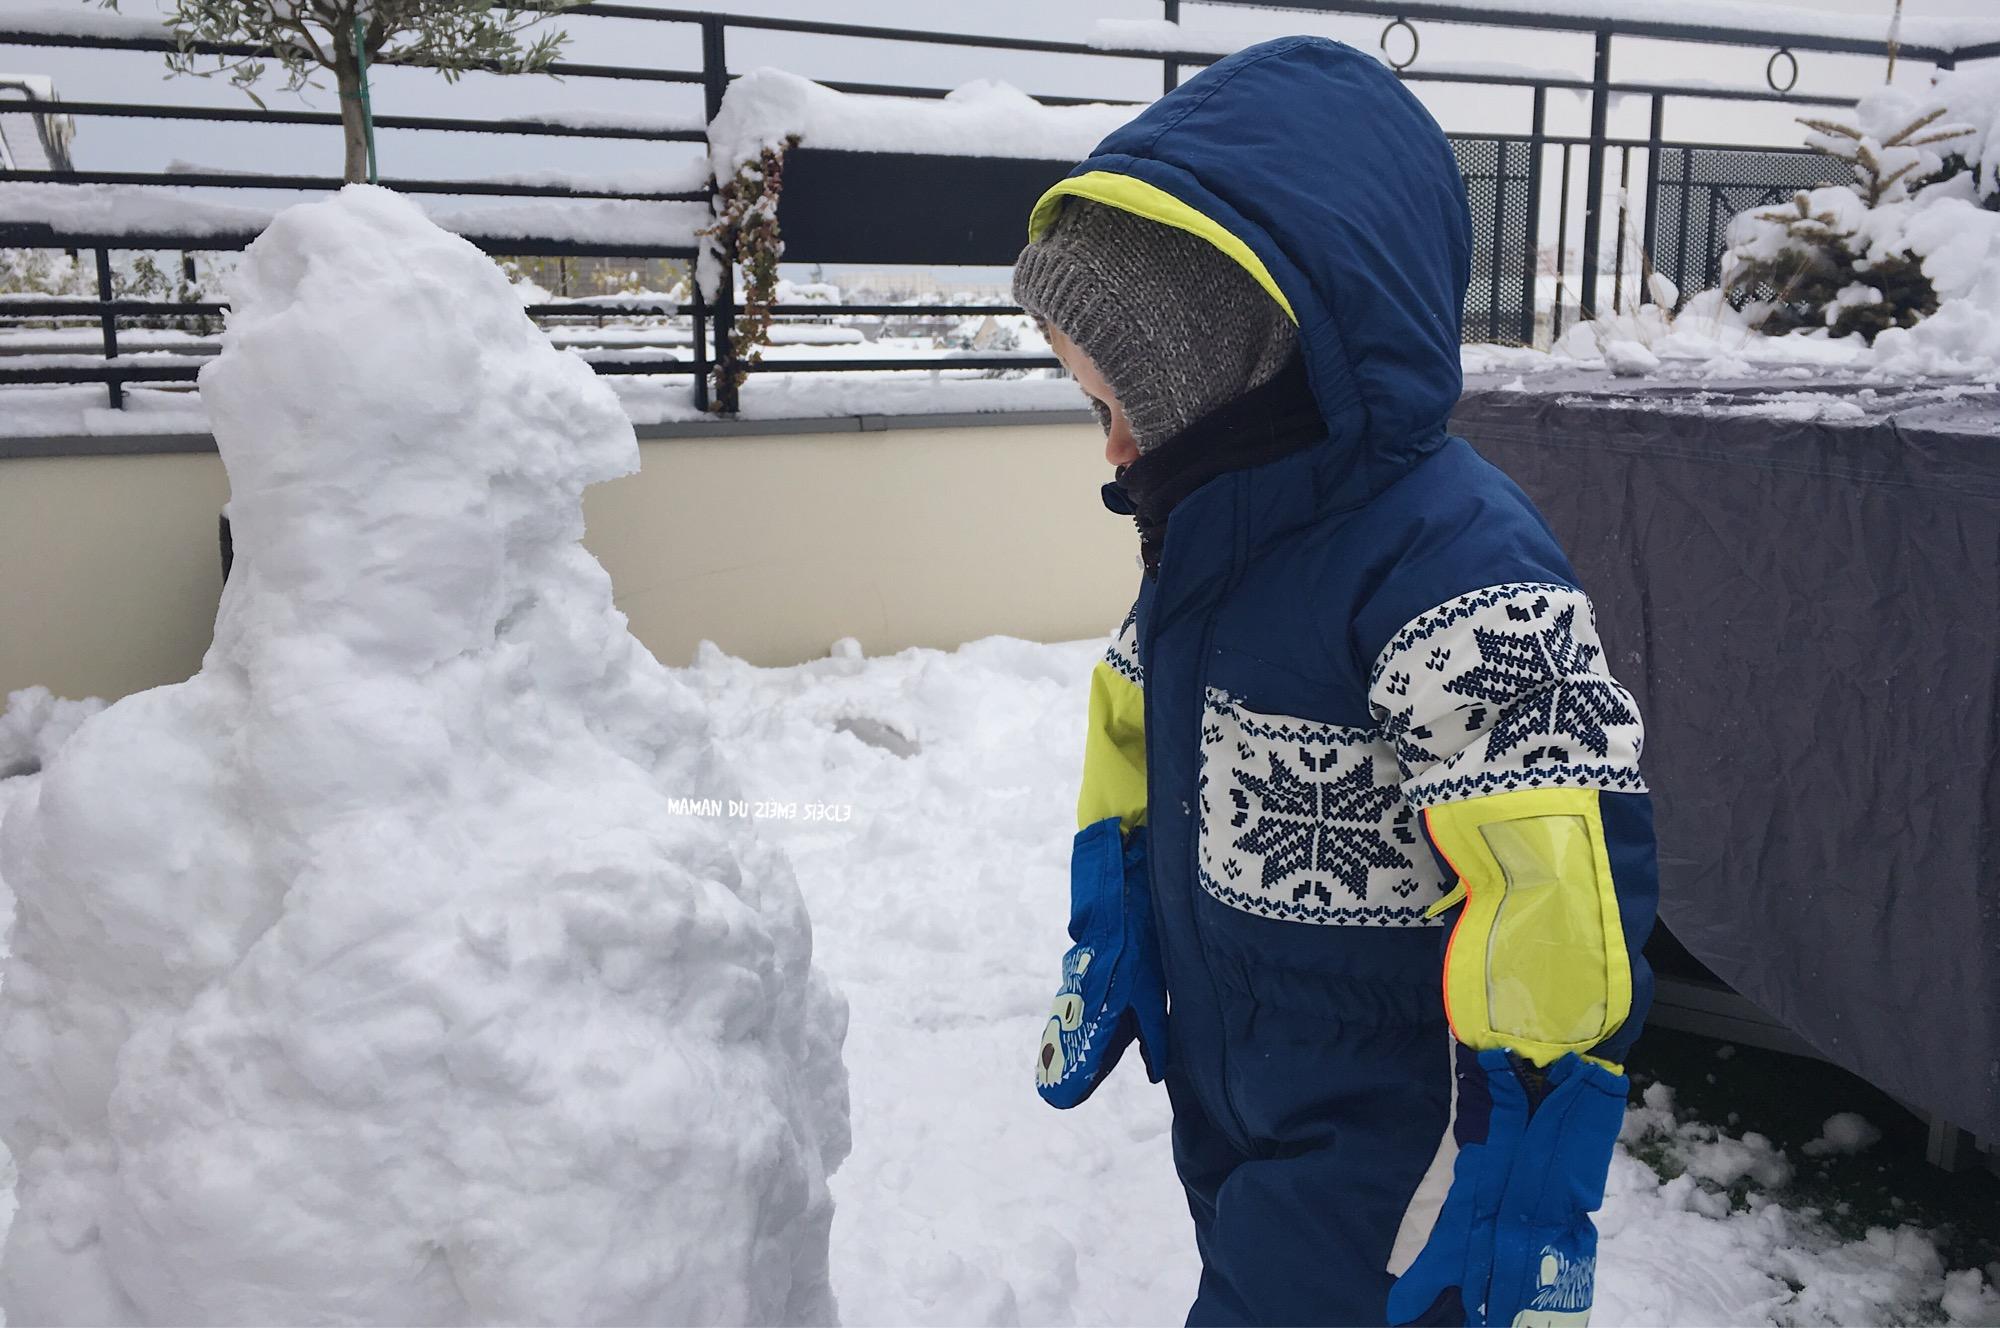 bonhomme-de-neige-en-cours